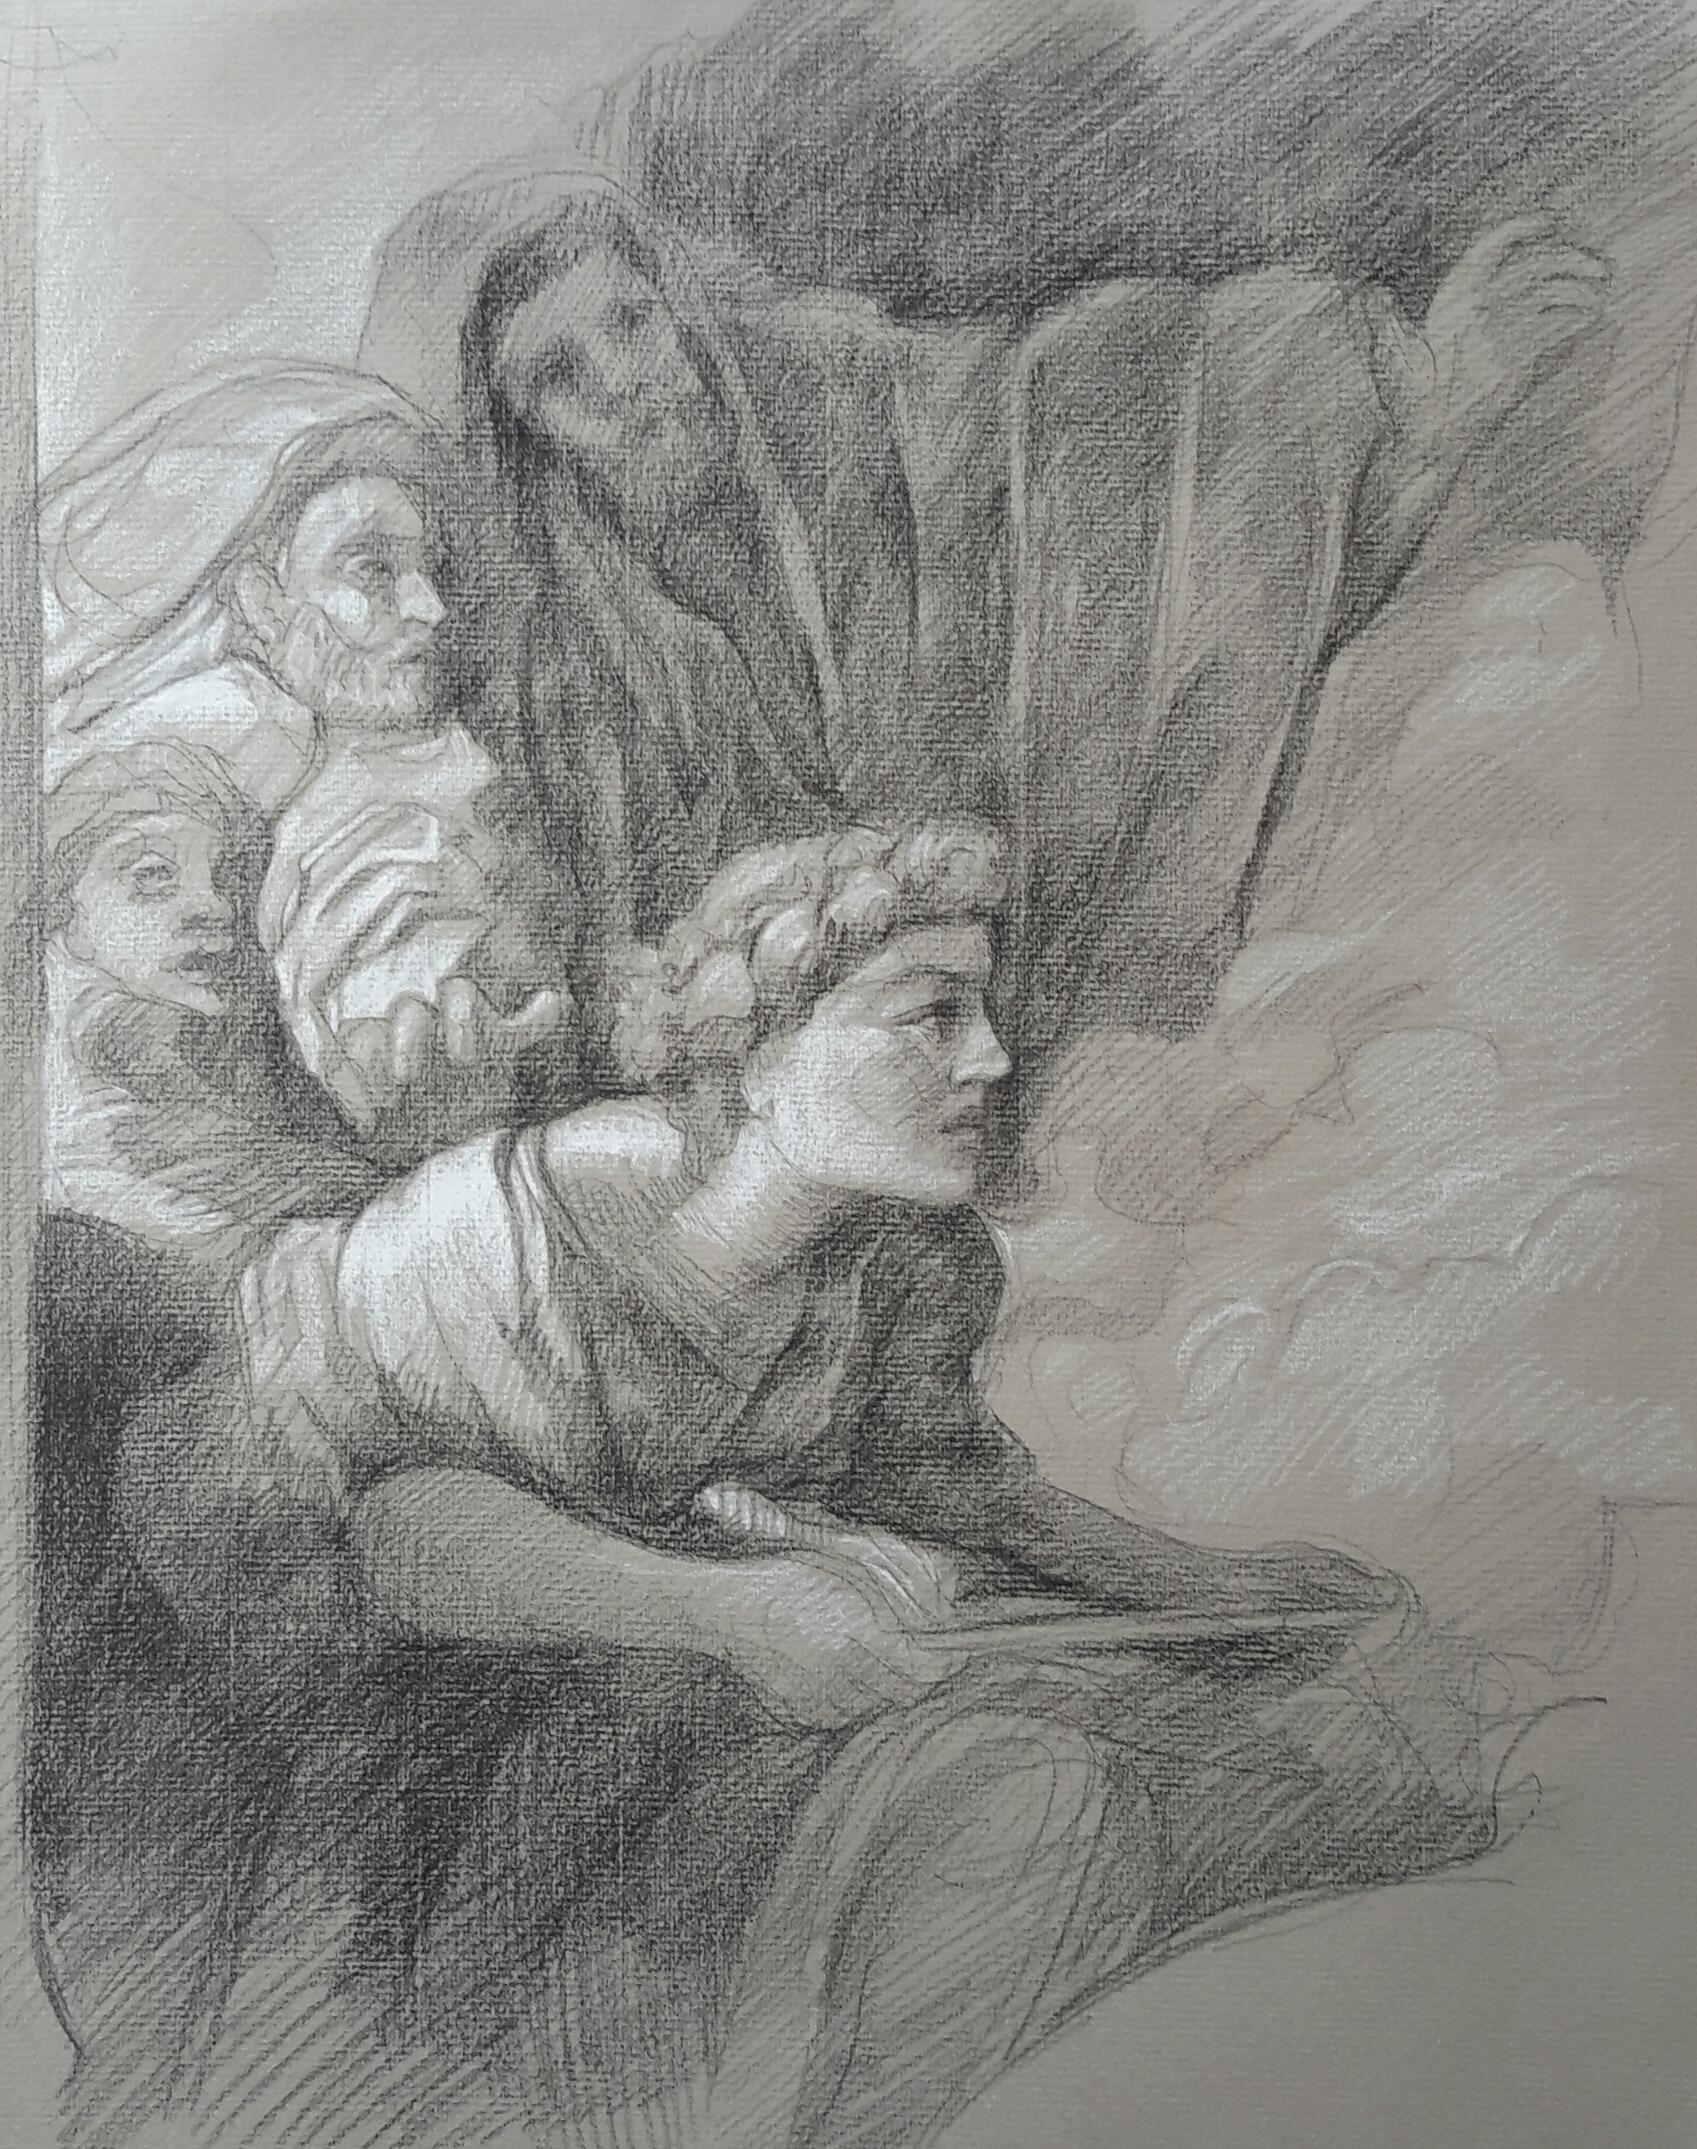 Le grand prêtre Corésus se sacrifie pour sauver Callirhoé pierre noire et crayon blanc